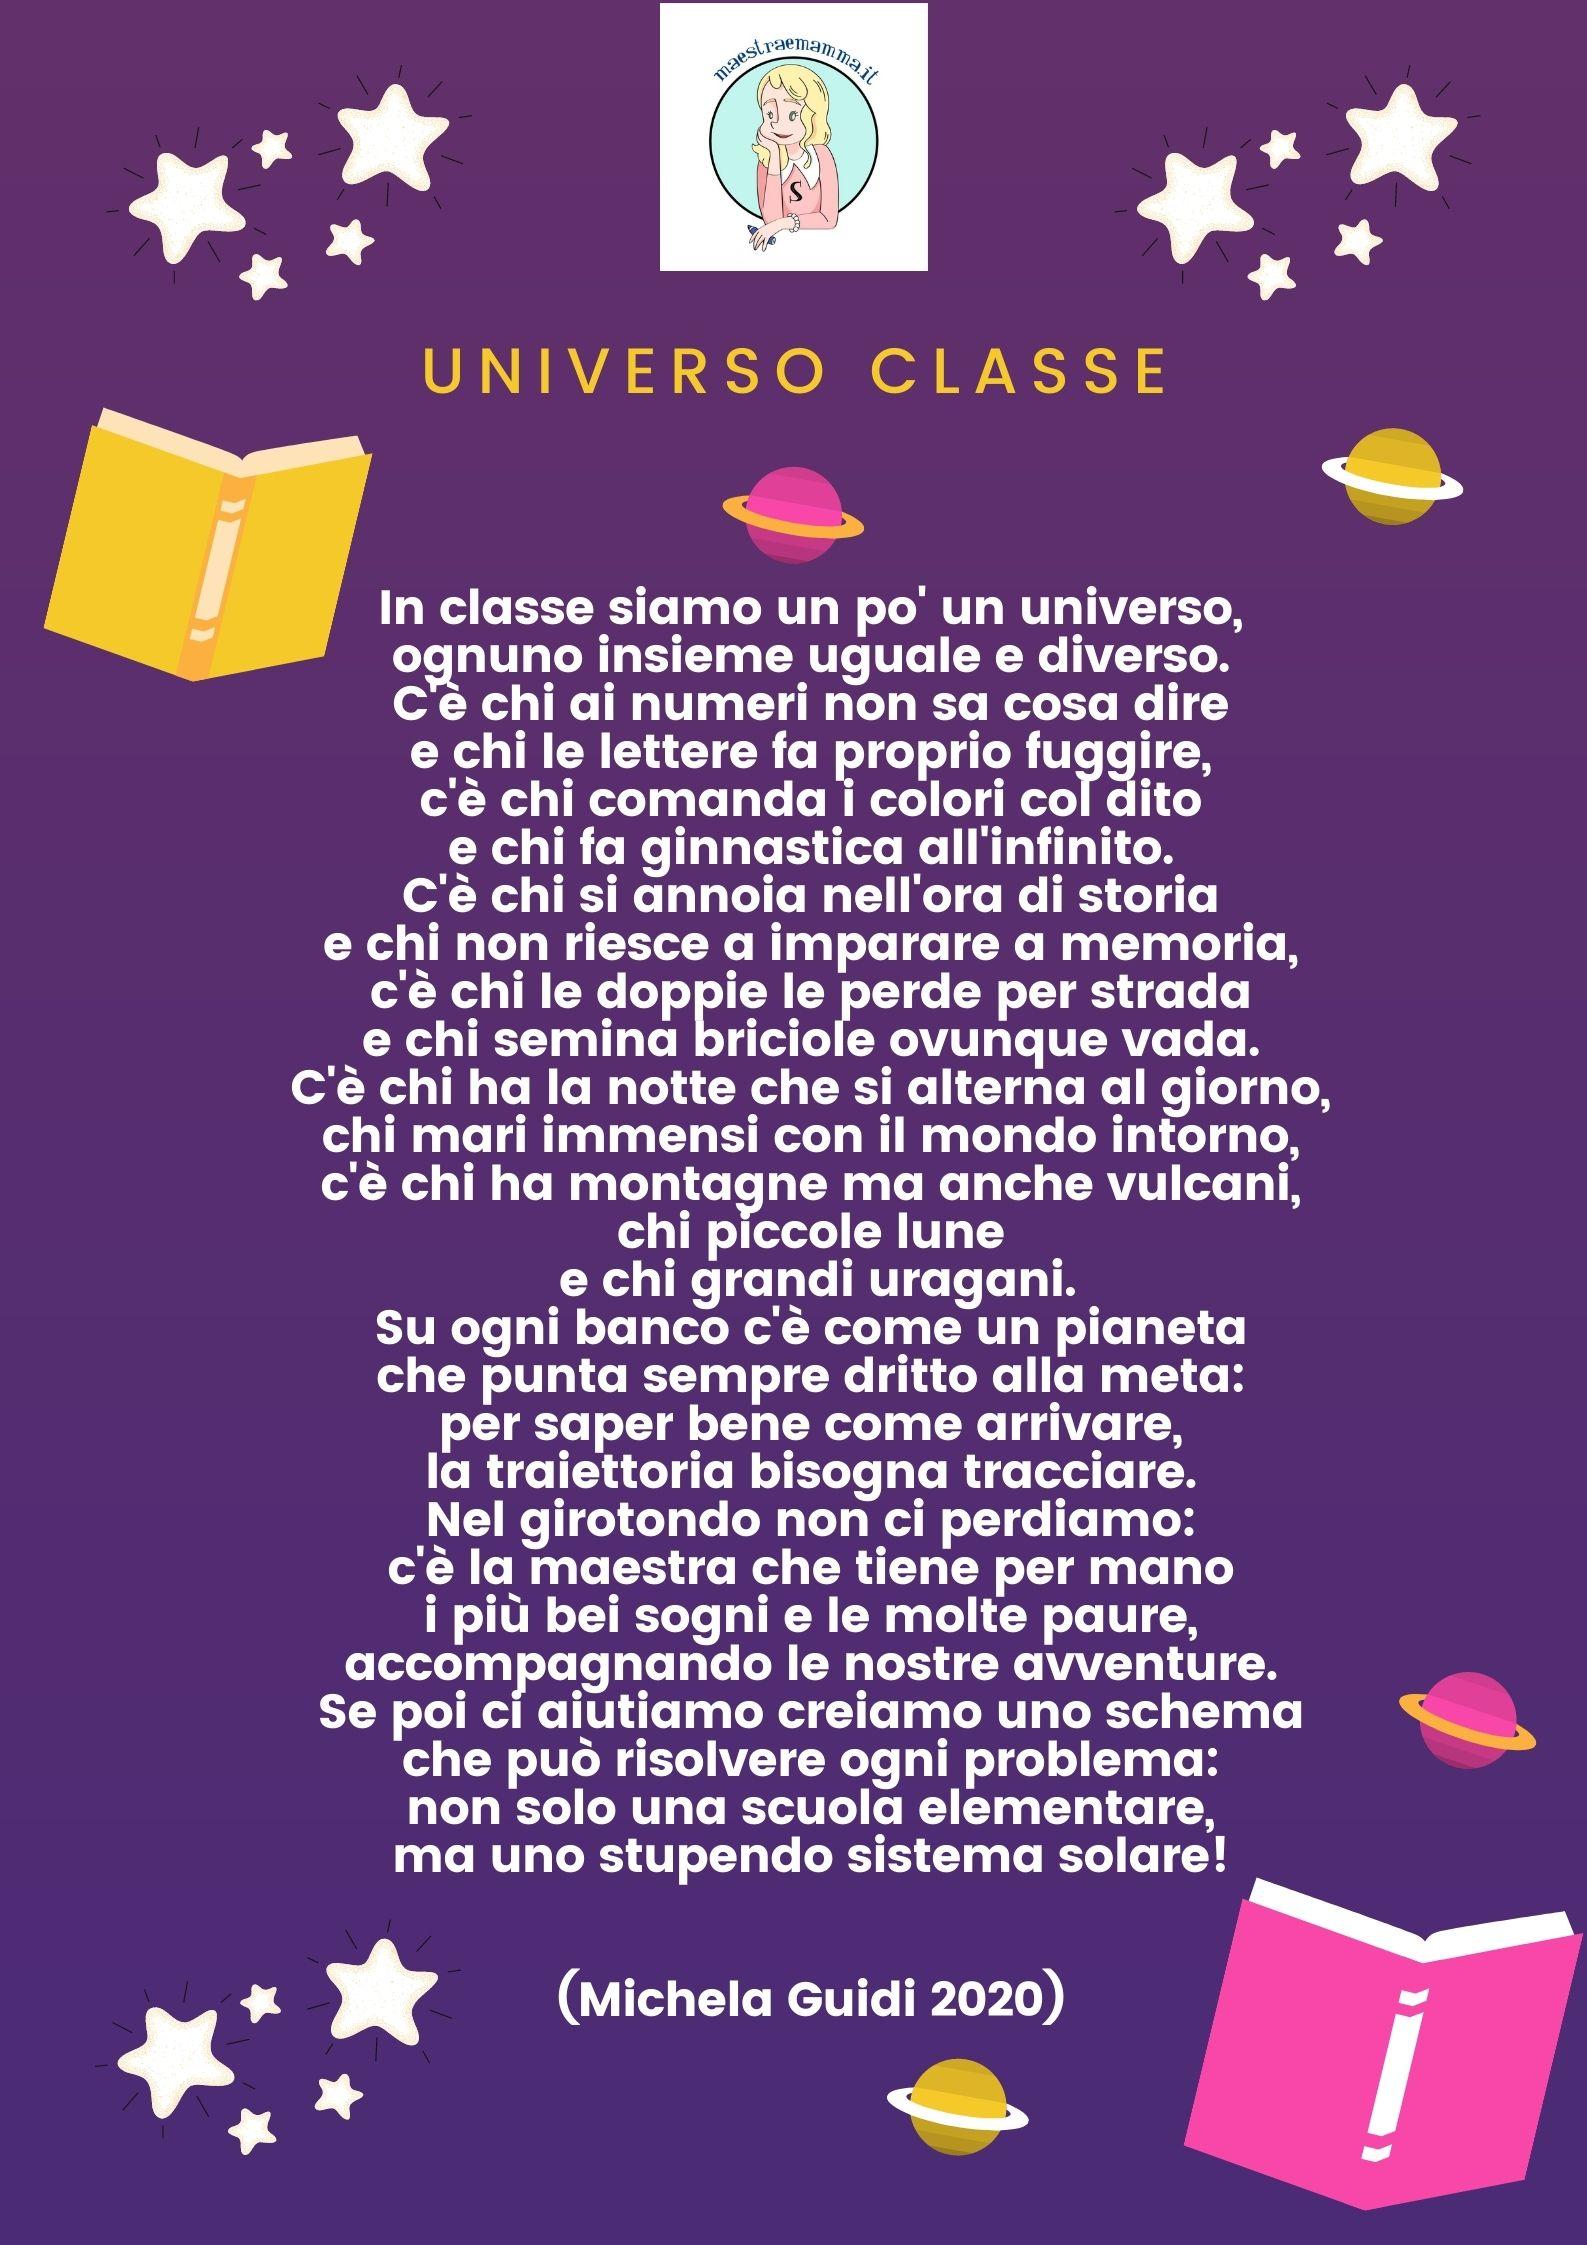 universo classe - poesia bambini scuola accoglienza michela guidi